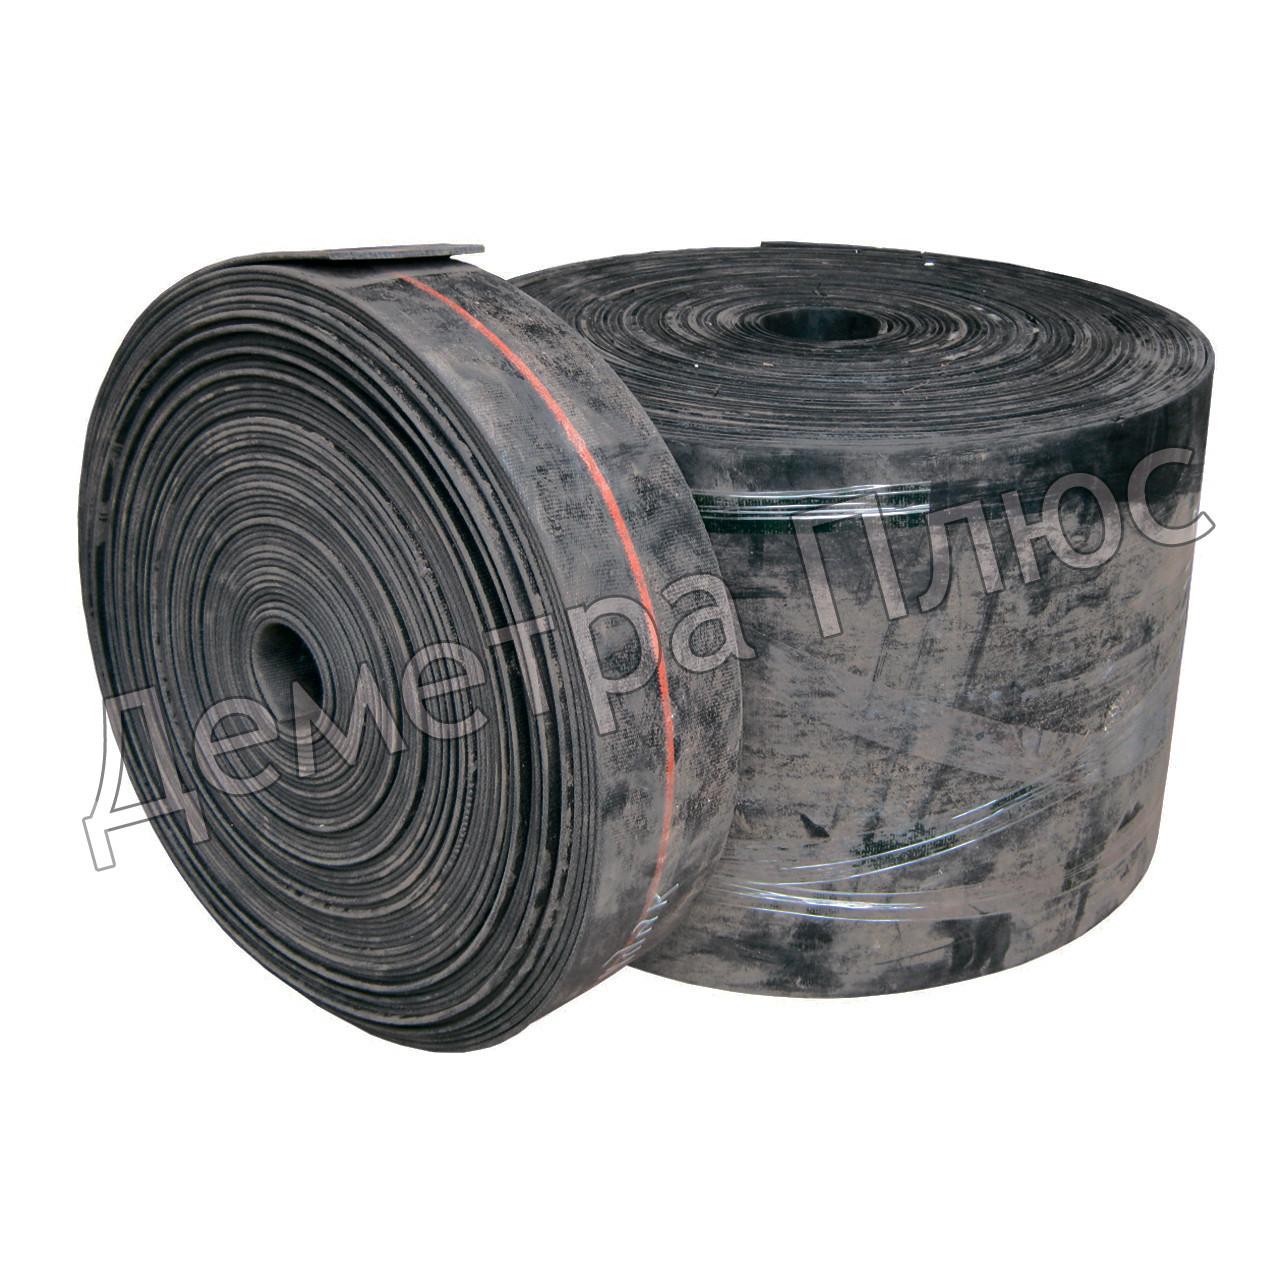 Лента норийная 125×4 (лента транспортерная резинотканевая, конвейерные ленты)